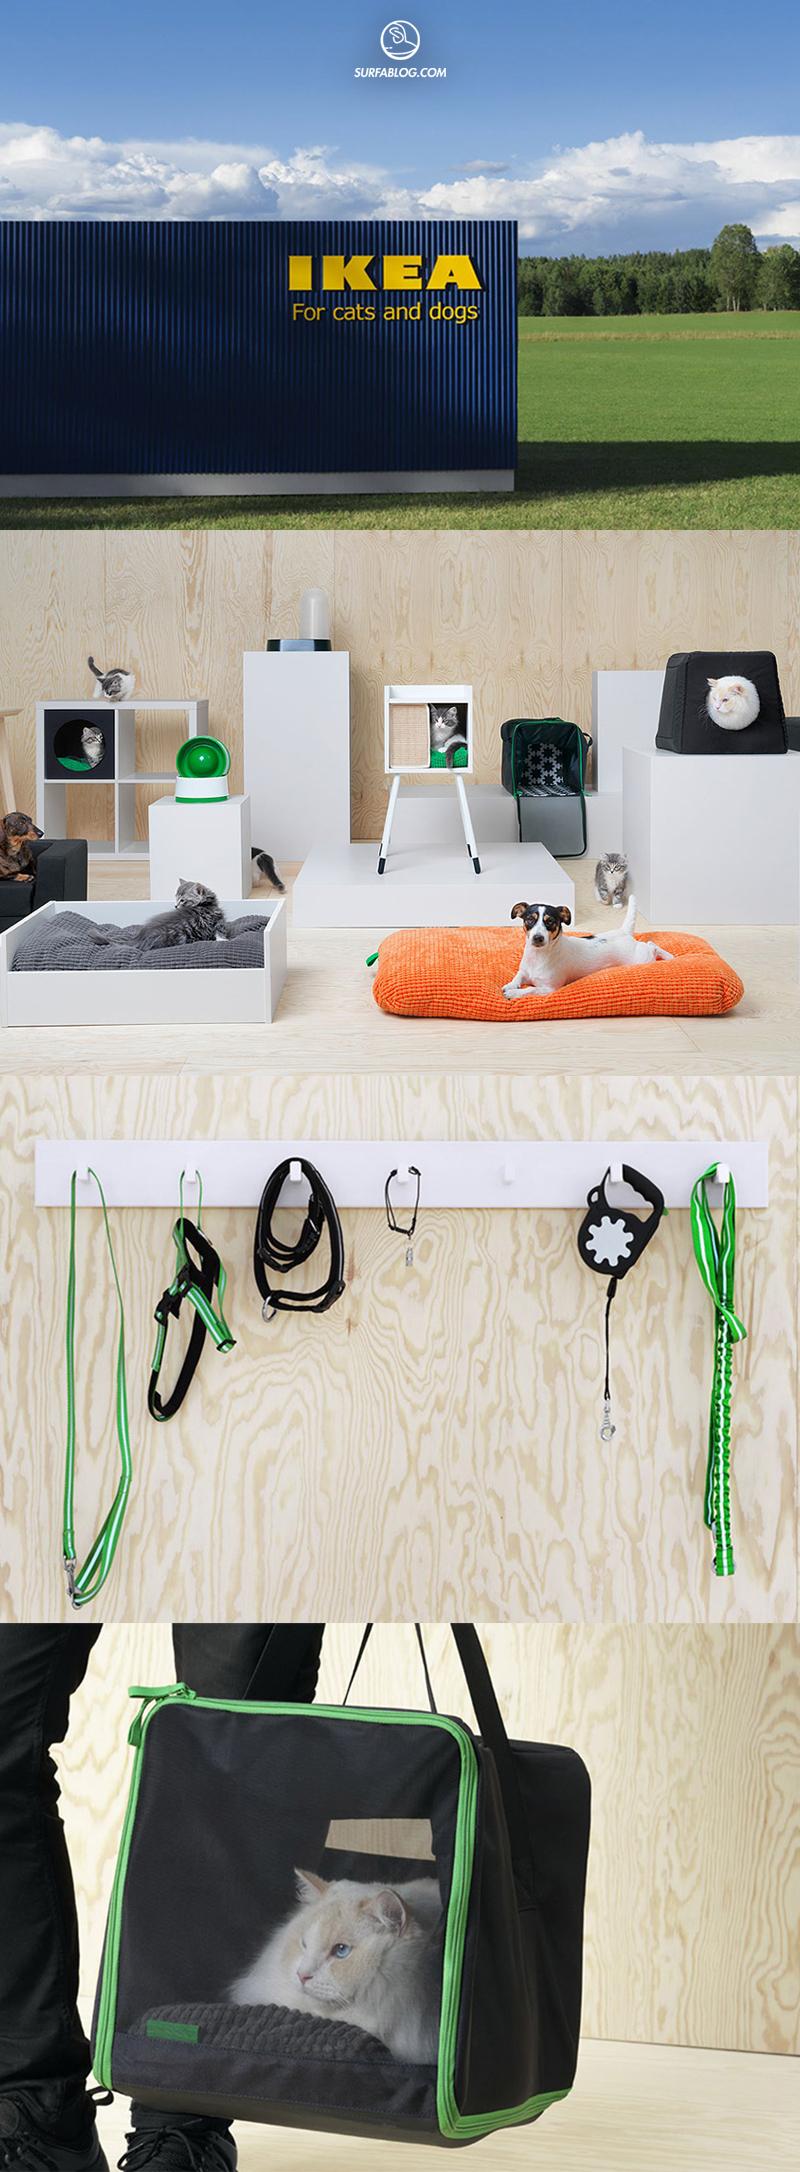 Surfablog ikea lancia i prodotti per cani e gatti - Ikea prodotti per ufficio ...